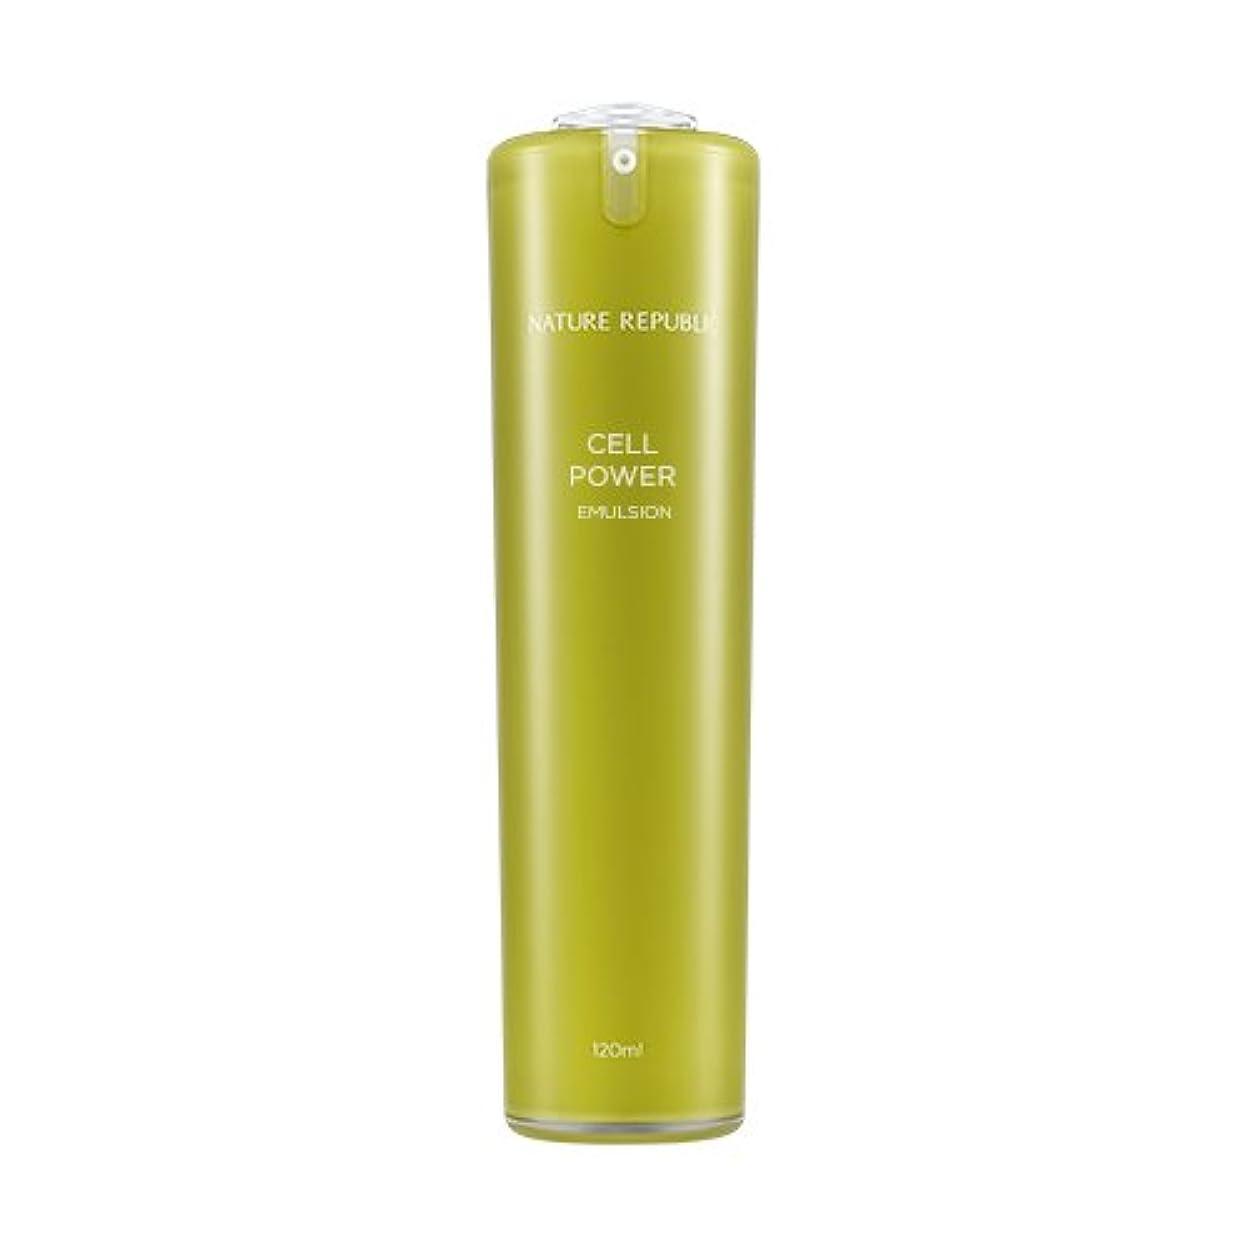 スキーパークポジションNATURE REPUBLIC Cell Power Emulsion / ネイチャーリパブリックセルパワーエマルジョン 120ml [並行輸入品]